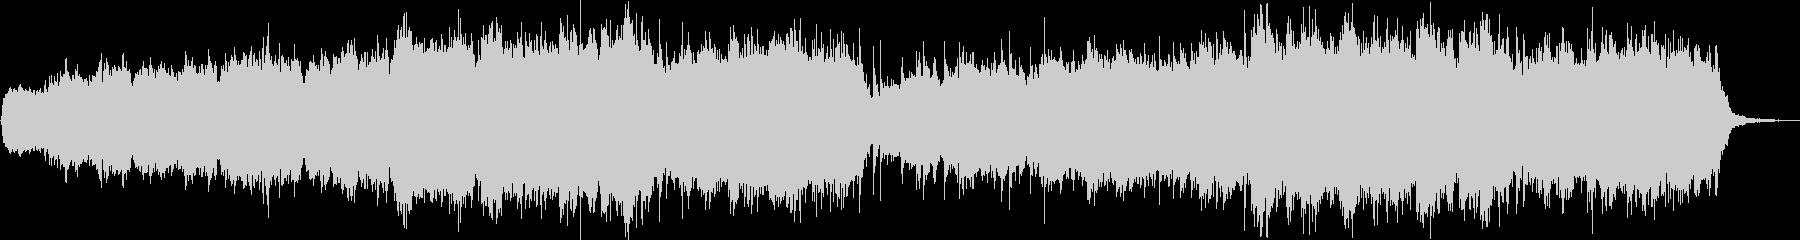 エニグマやアディエマスのような合唱曲の未再生の波形